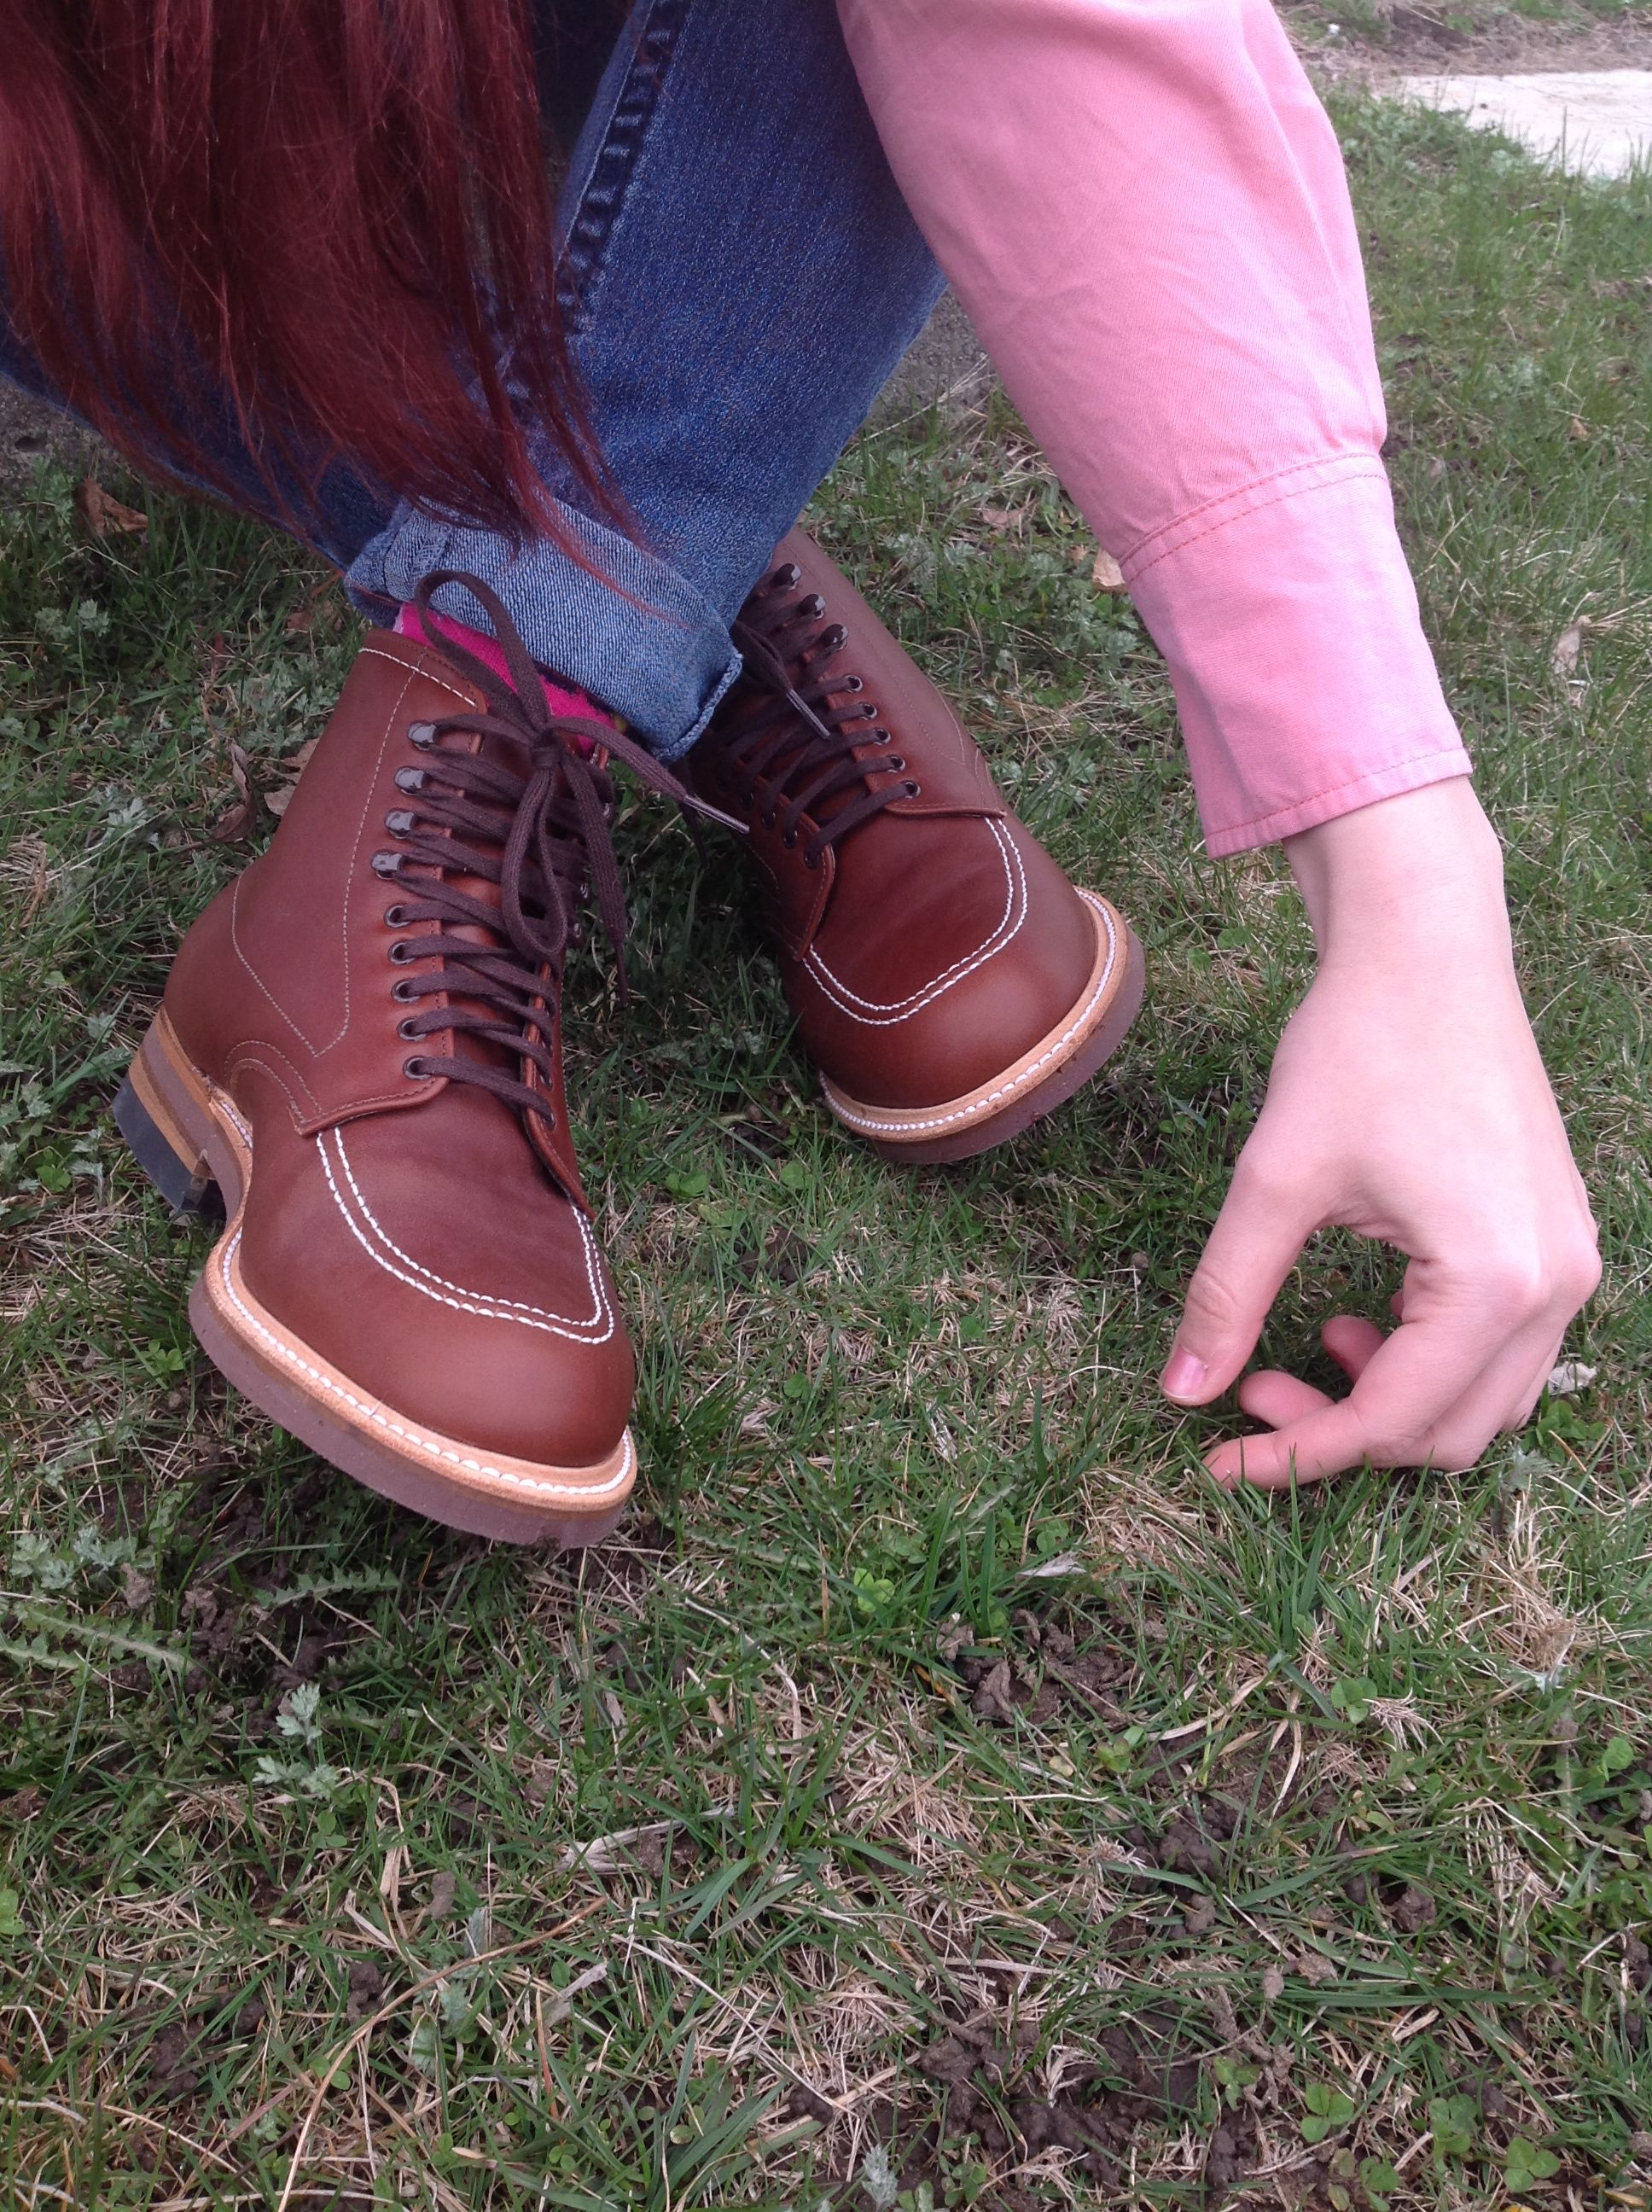 57ec656977d Liz rocks the Indiana Jane look in Alden 405's. | Alden Indy Boots ...